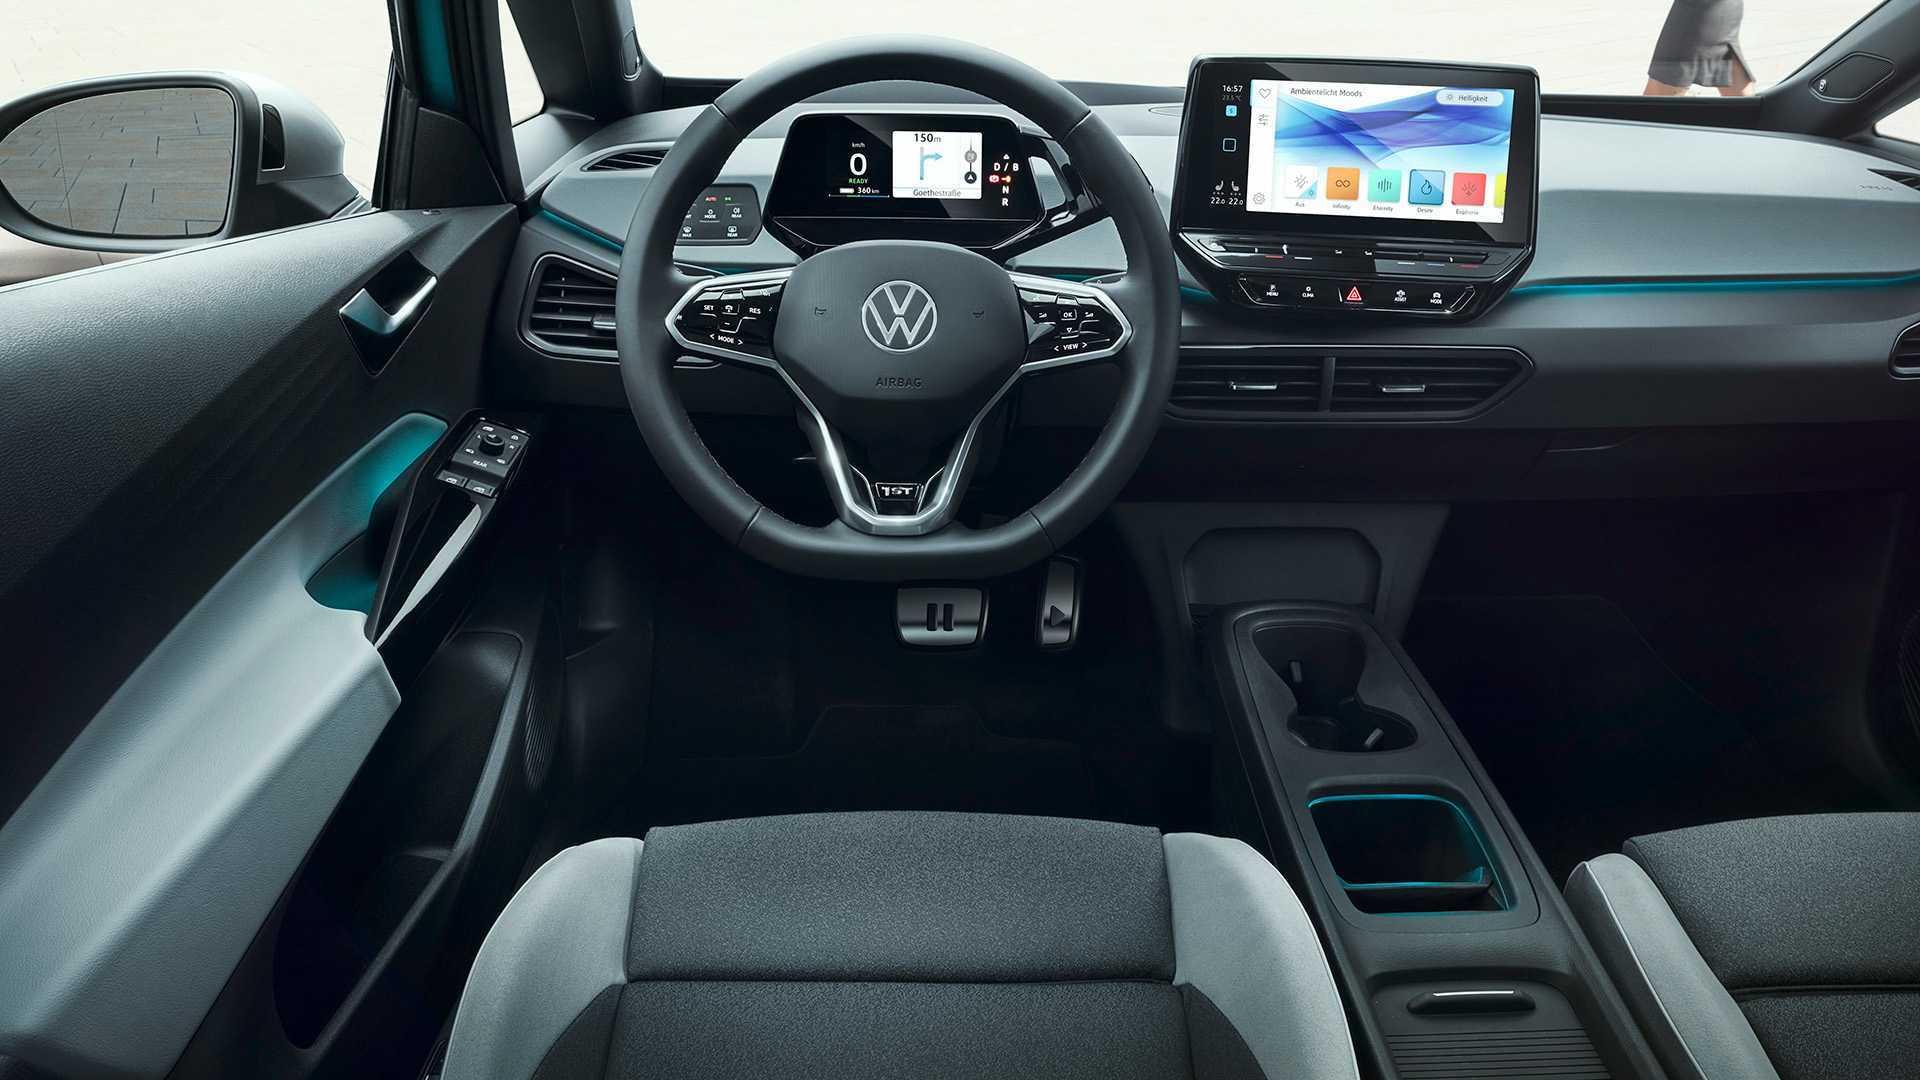 Volkswagen AVAS